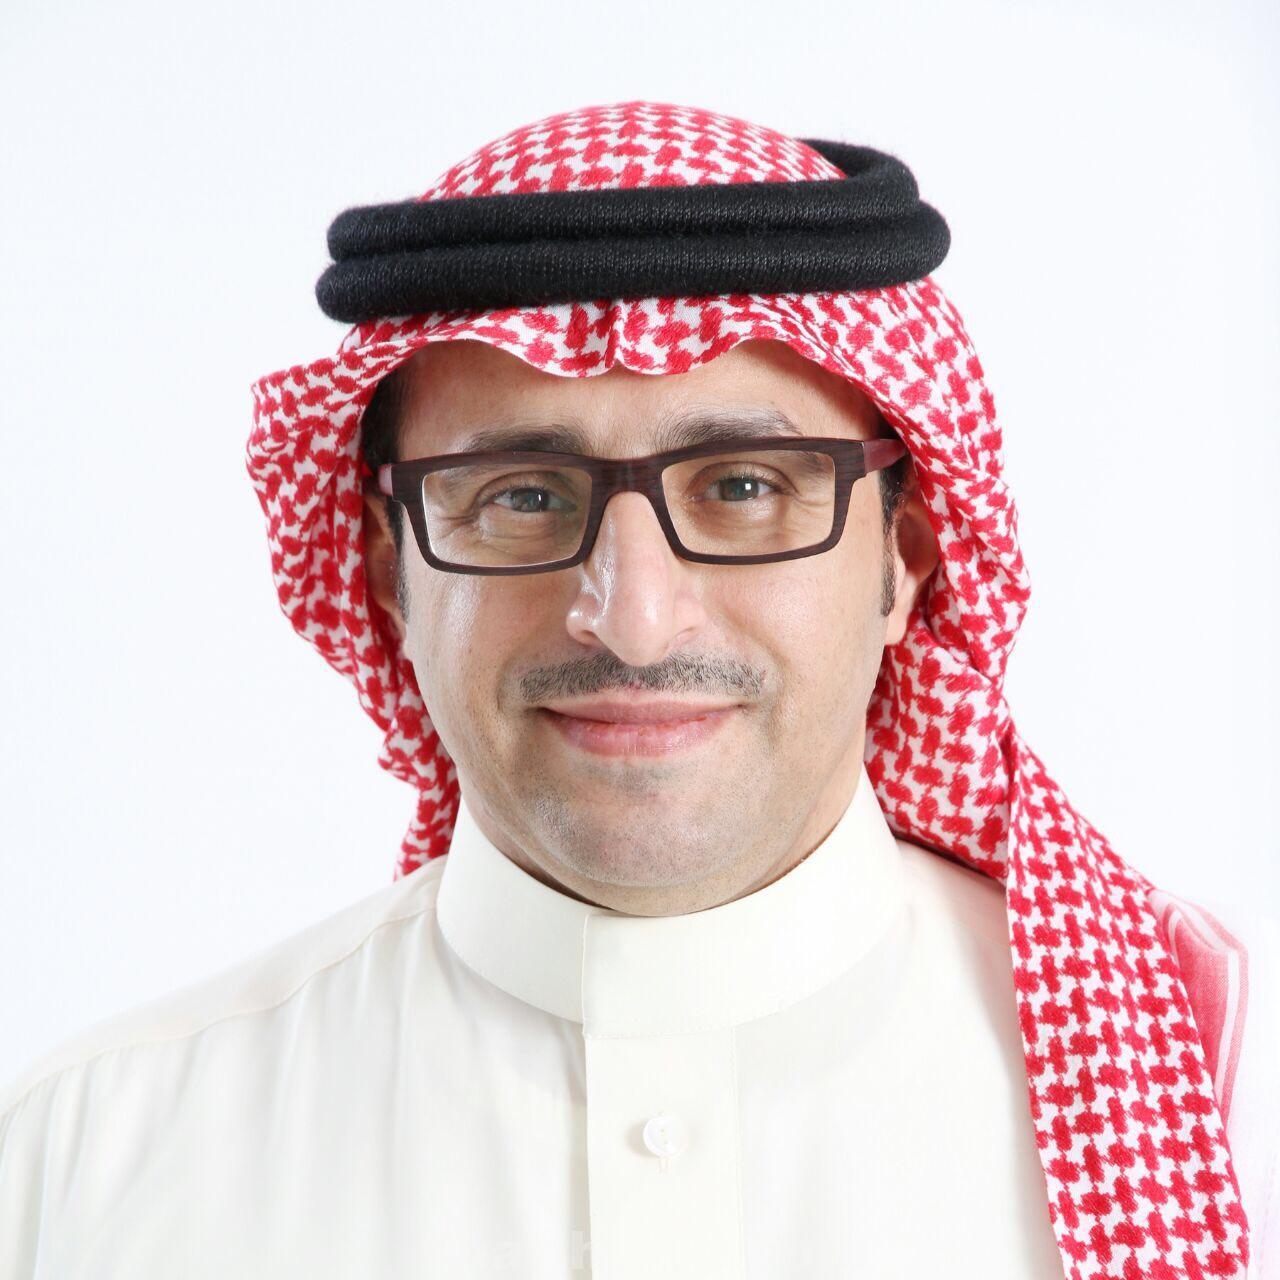 الامير محمد بن سلمان نموذج للقيادة الشابة